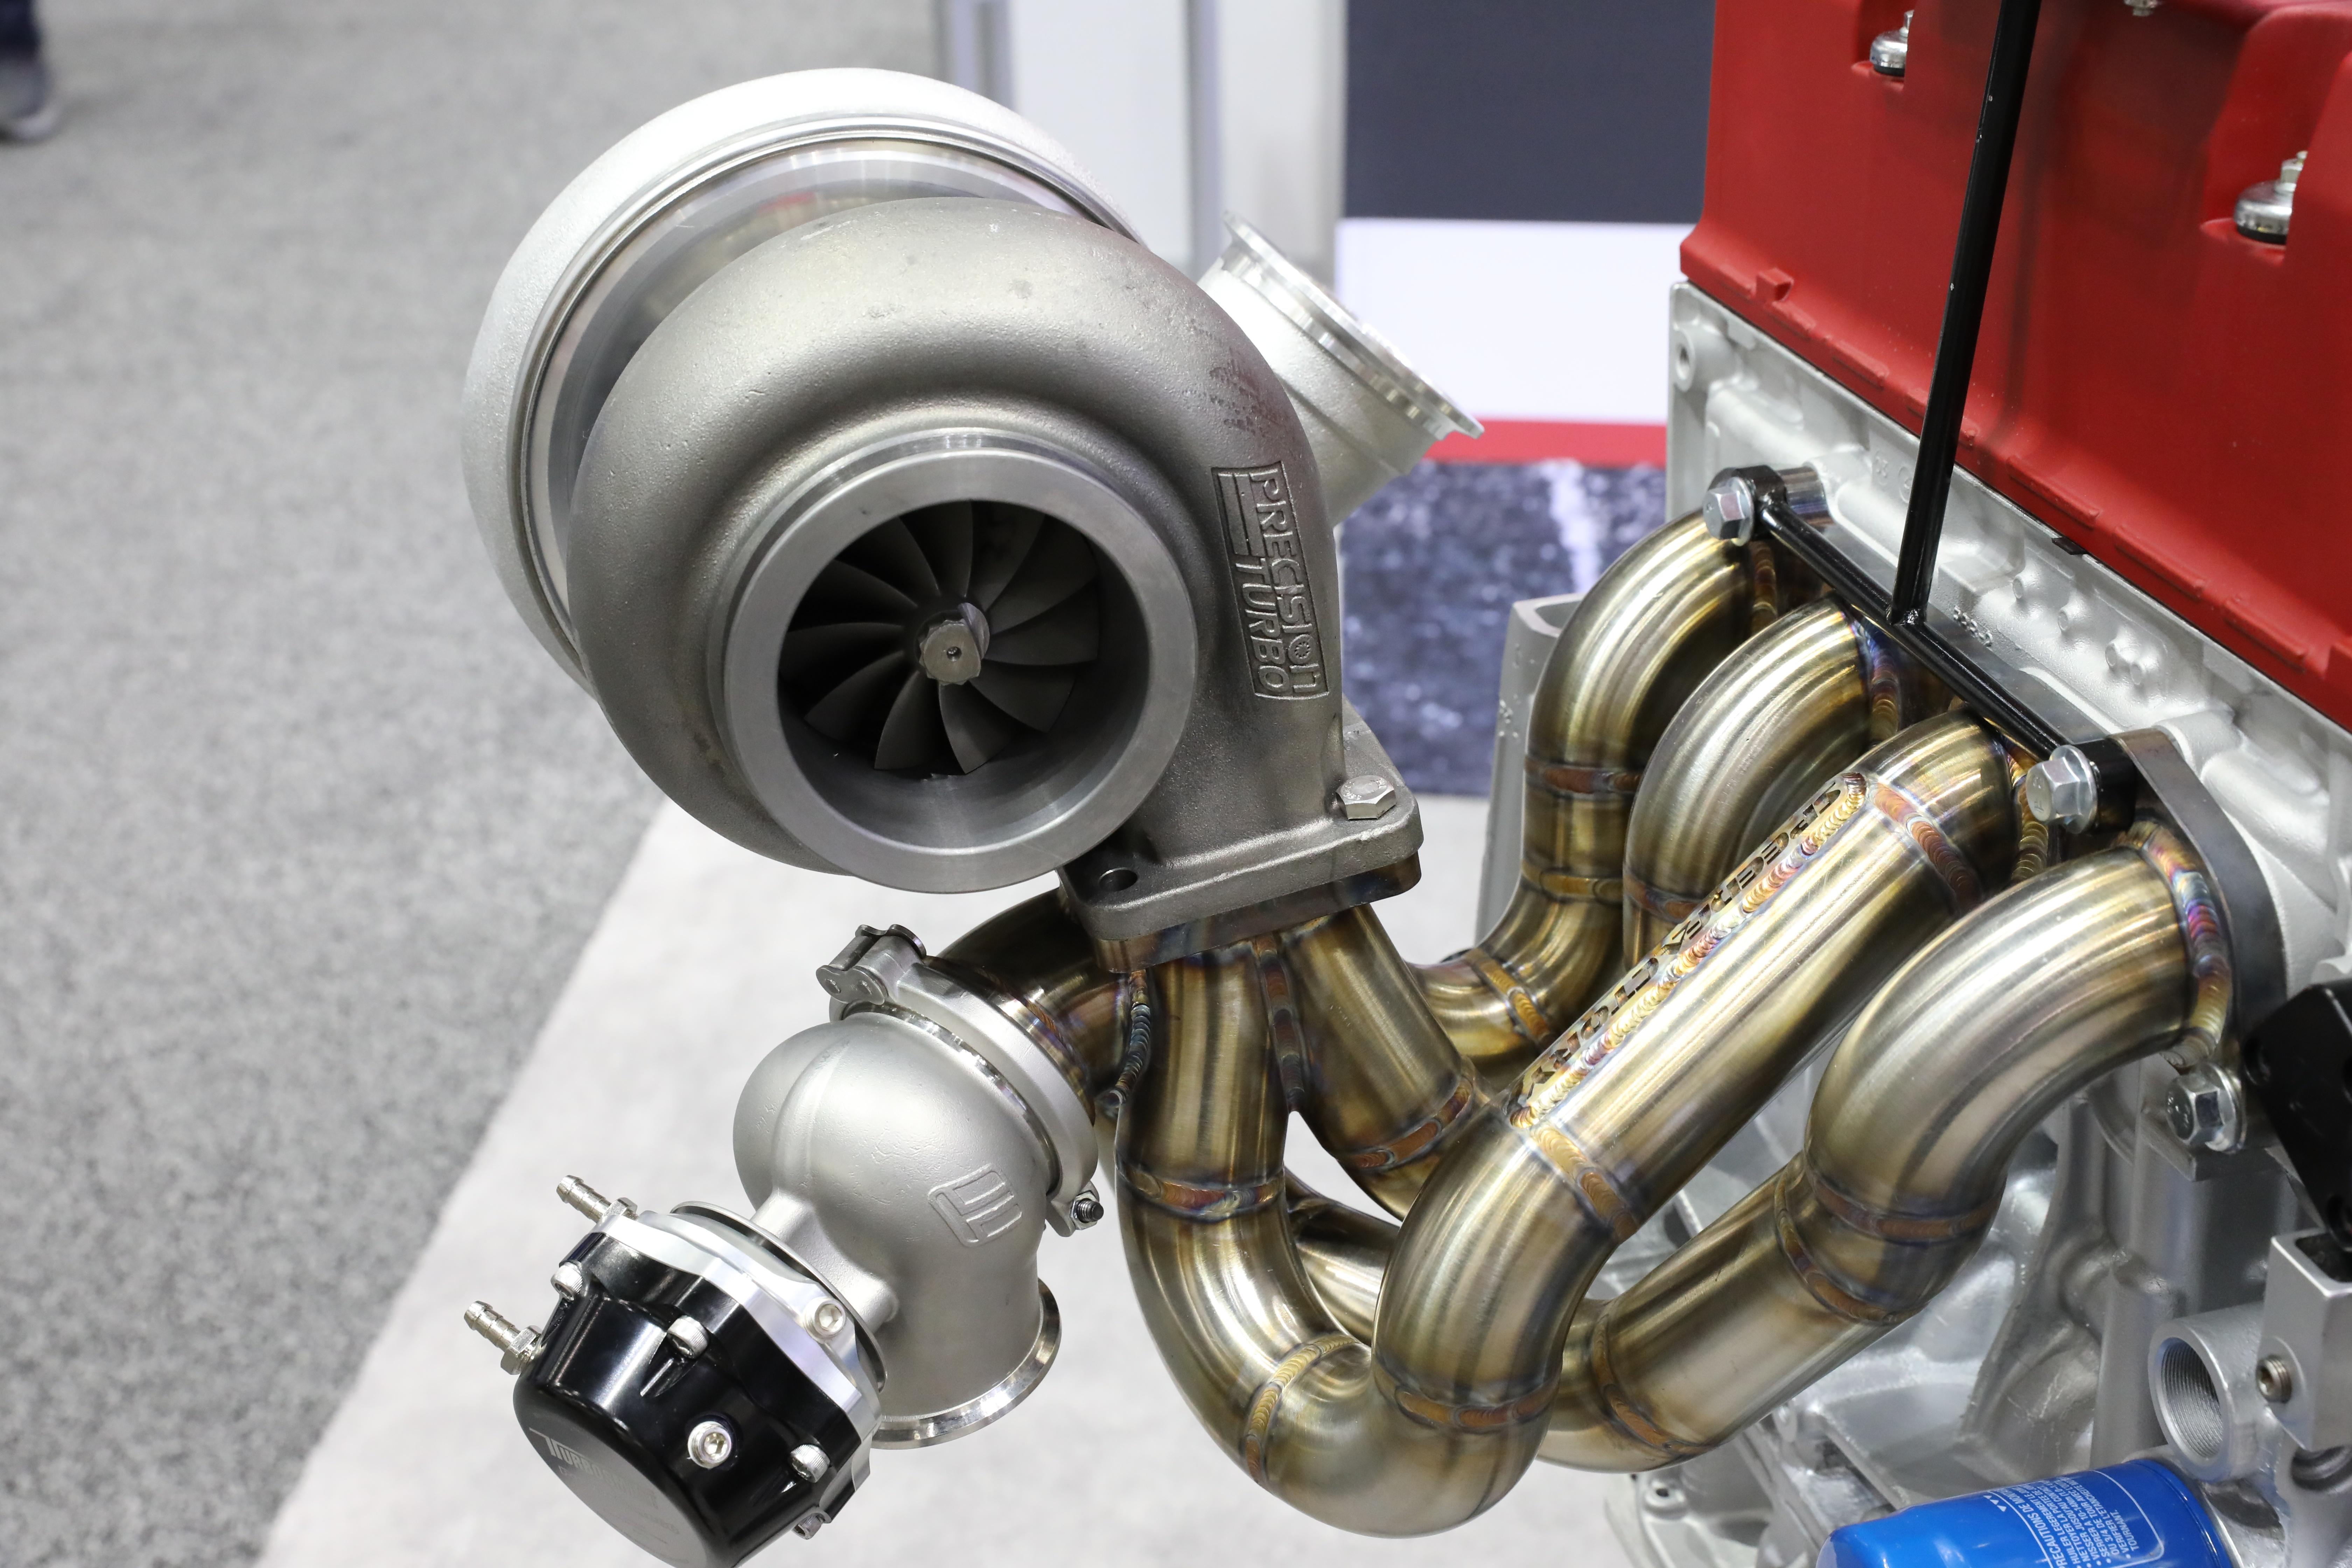 4 Piston Racing's 1,000hp-Plus Honda K Series Build